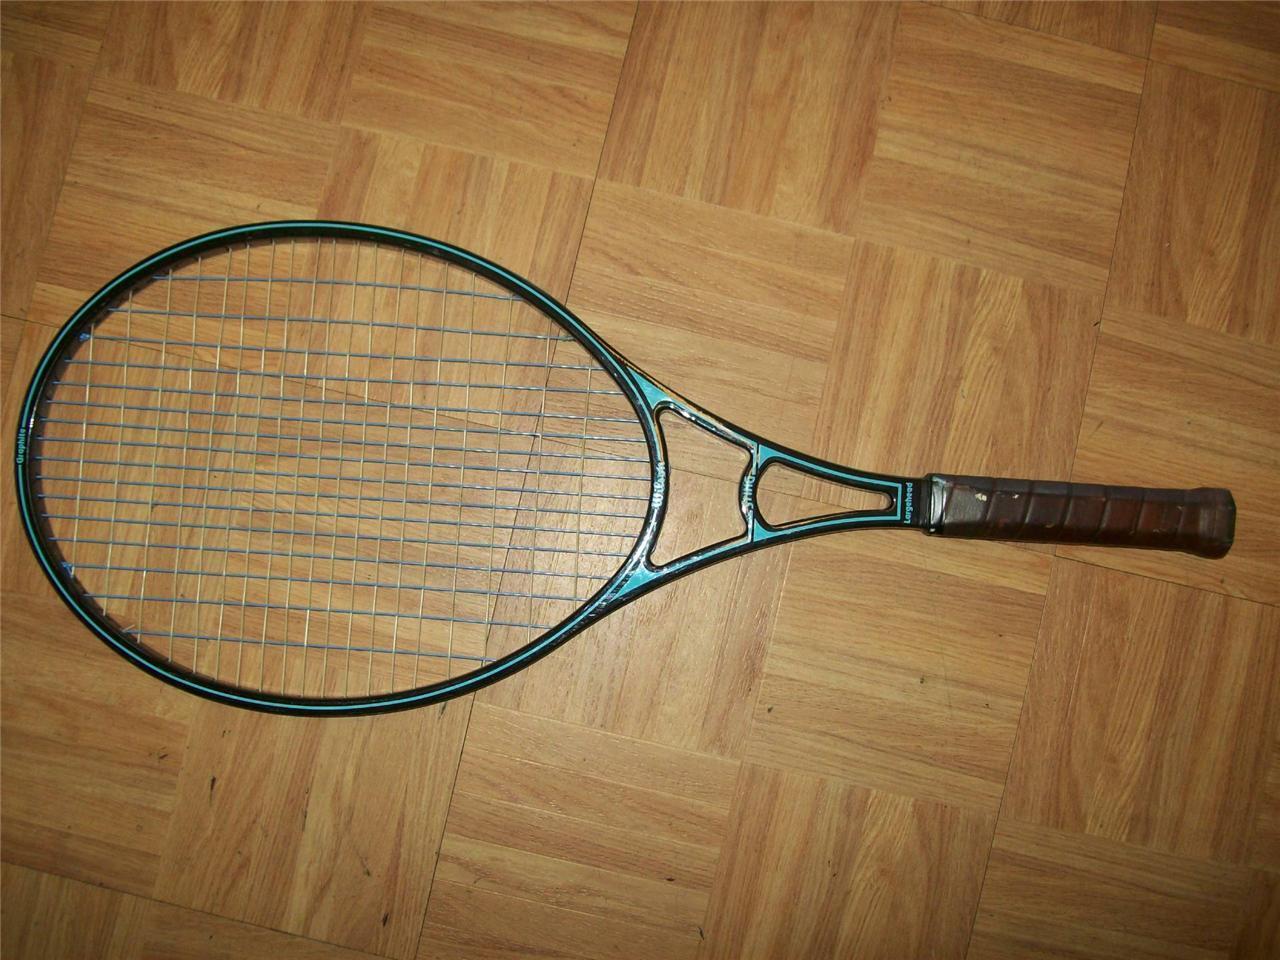 Wilson Sting OverTalla 4 3 8 Grip Tenis  Raqueta  garantía de crédito